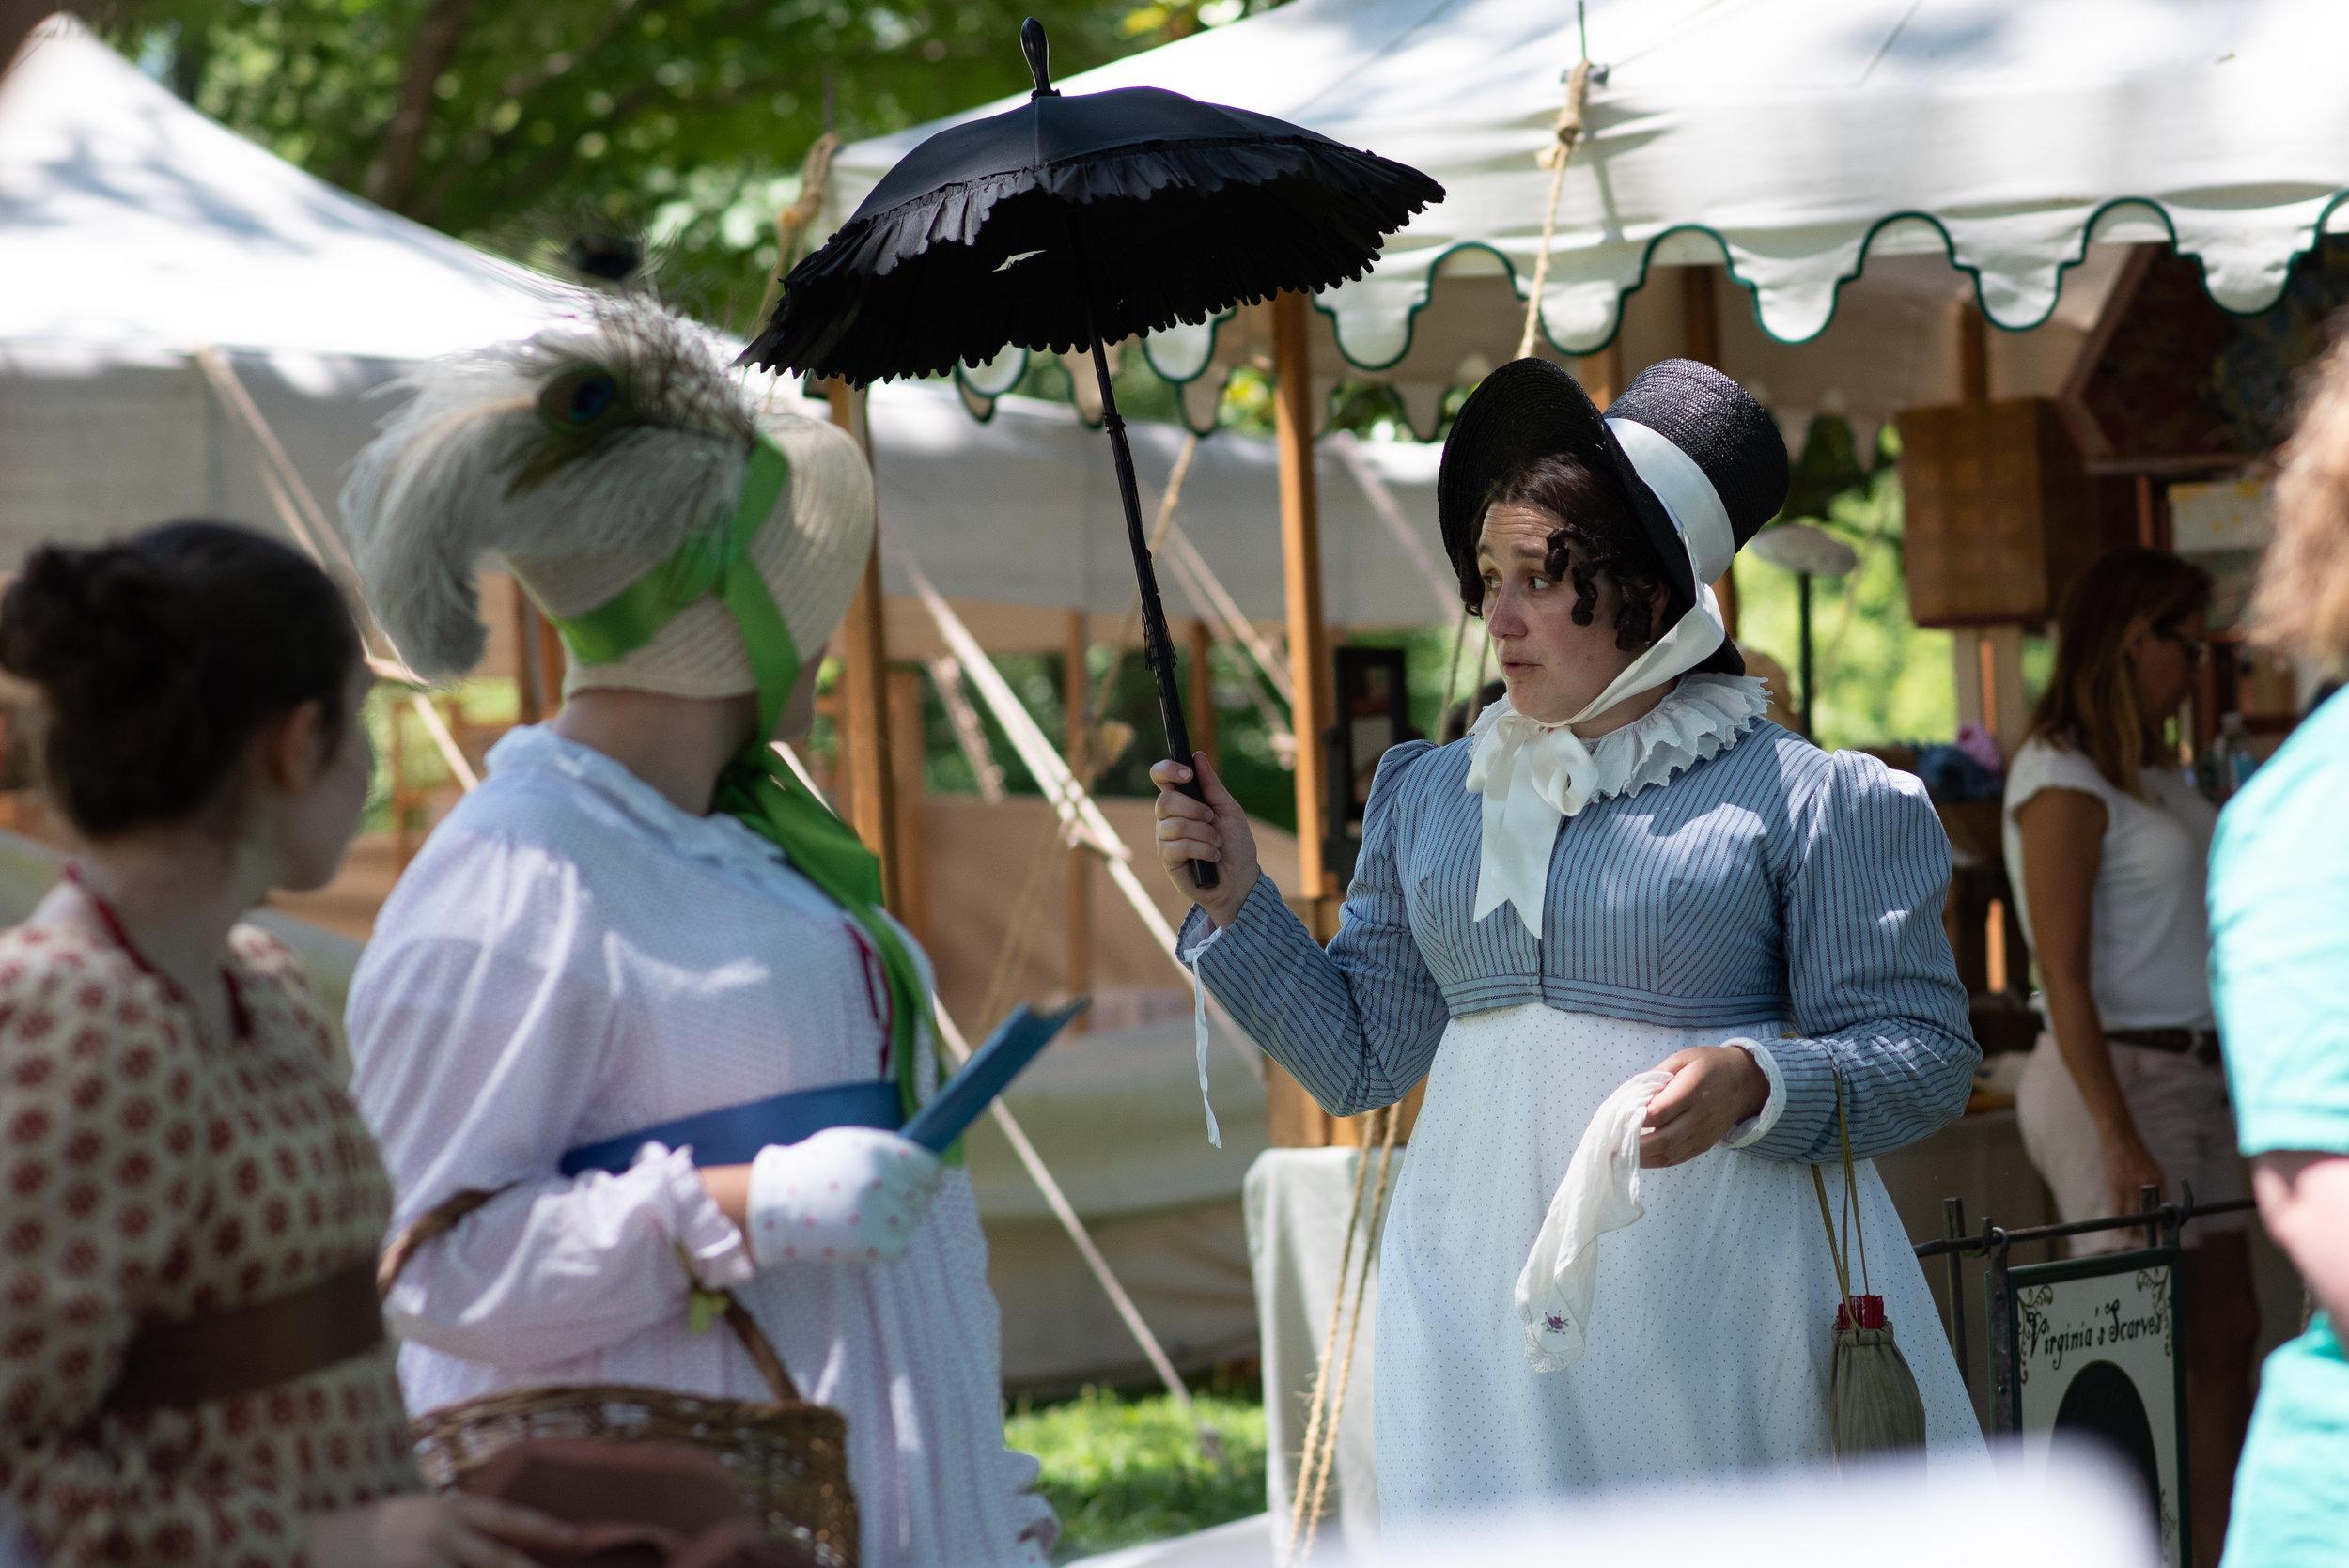 Jane Austen Festival Louisville Kentucky 2019 Regency Bonnet Federal Hat Parasol